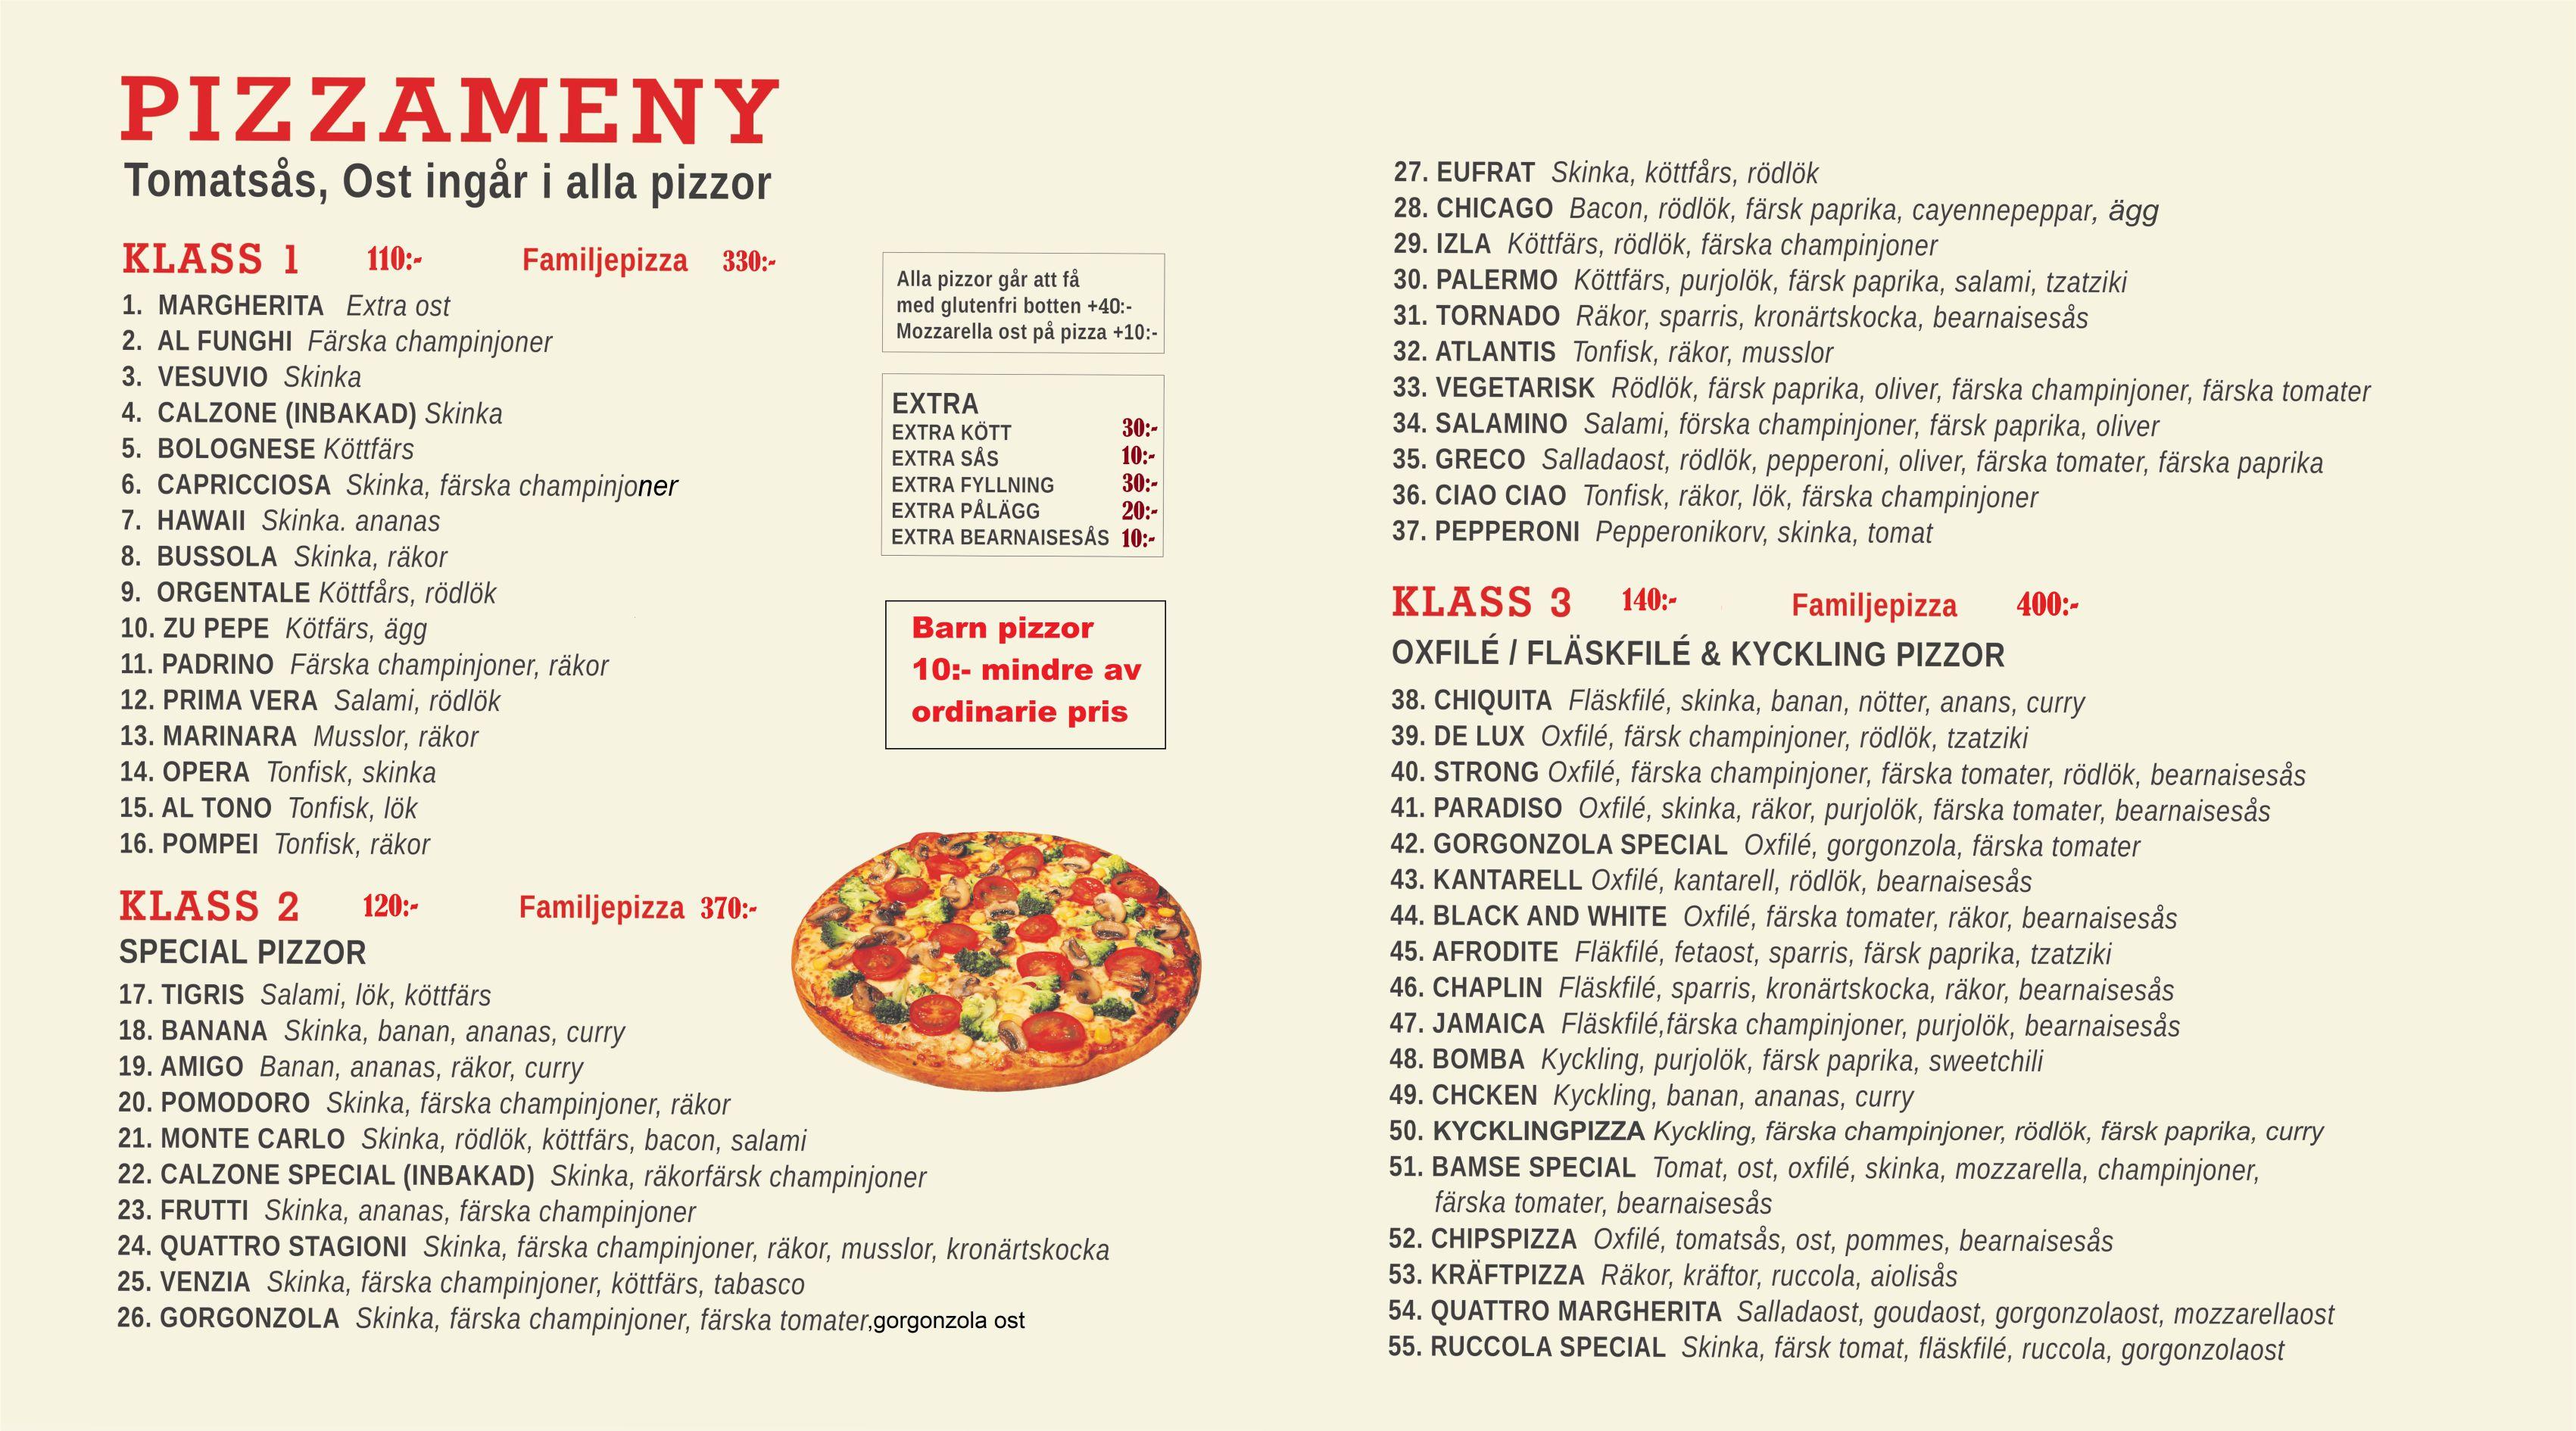 agens pizzeria degerfors meny